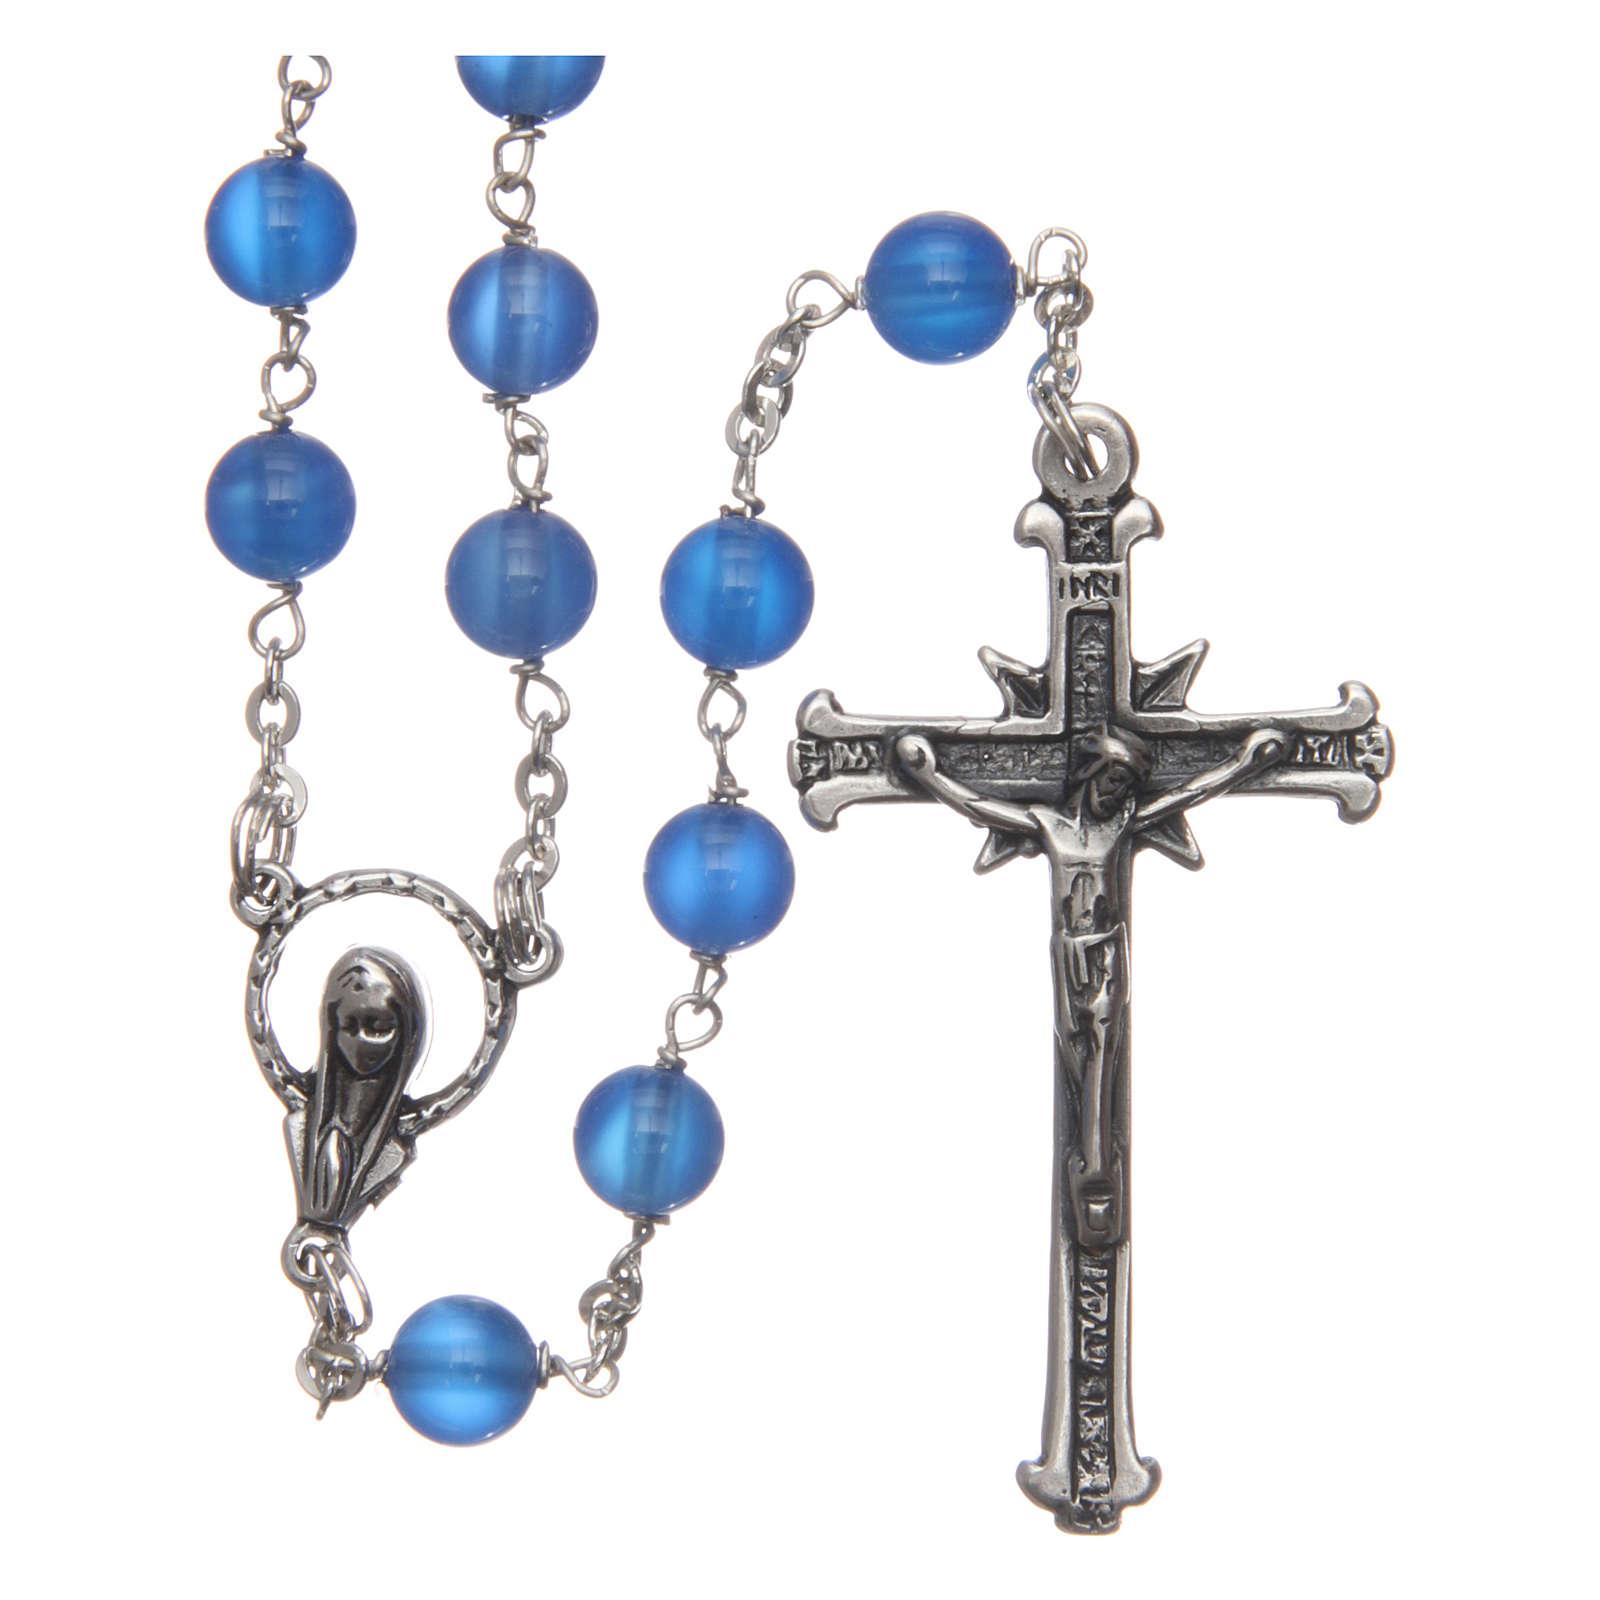 Chapelet agathe bleue 6 mm chaîne argent 925 4